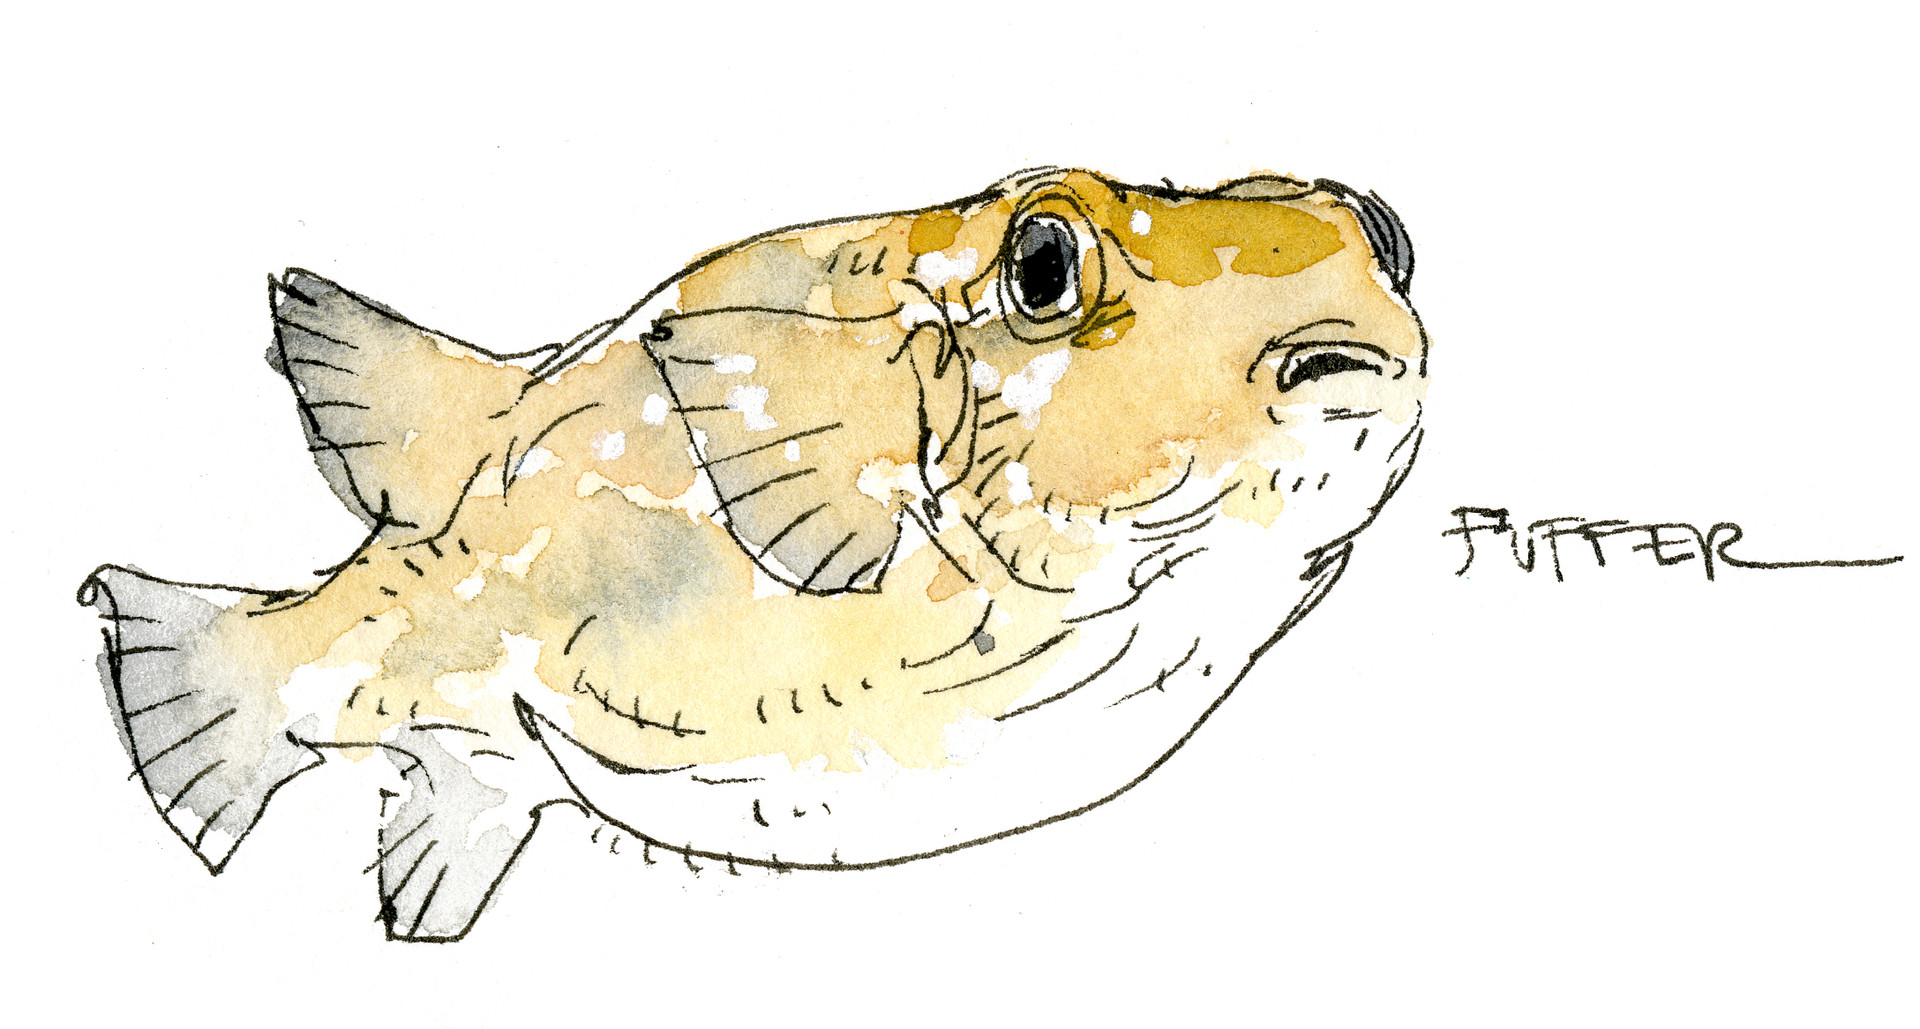 Peter han fish2